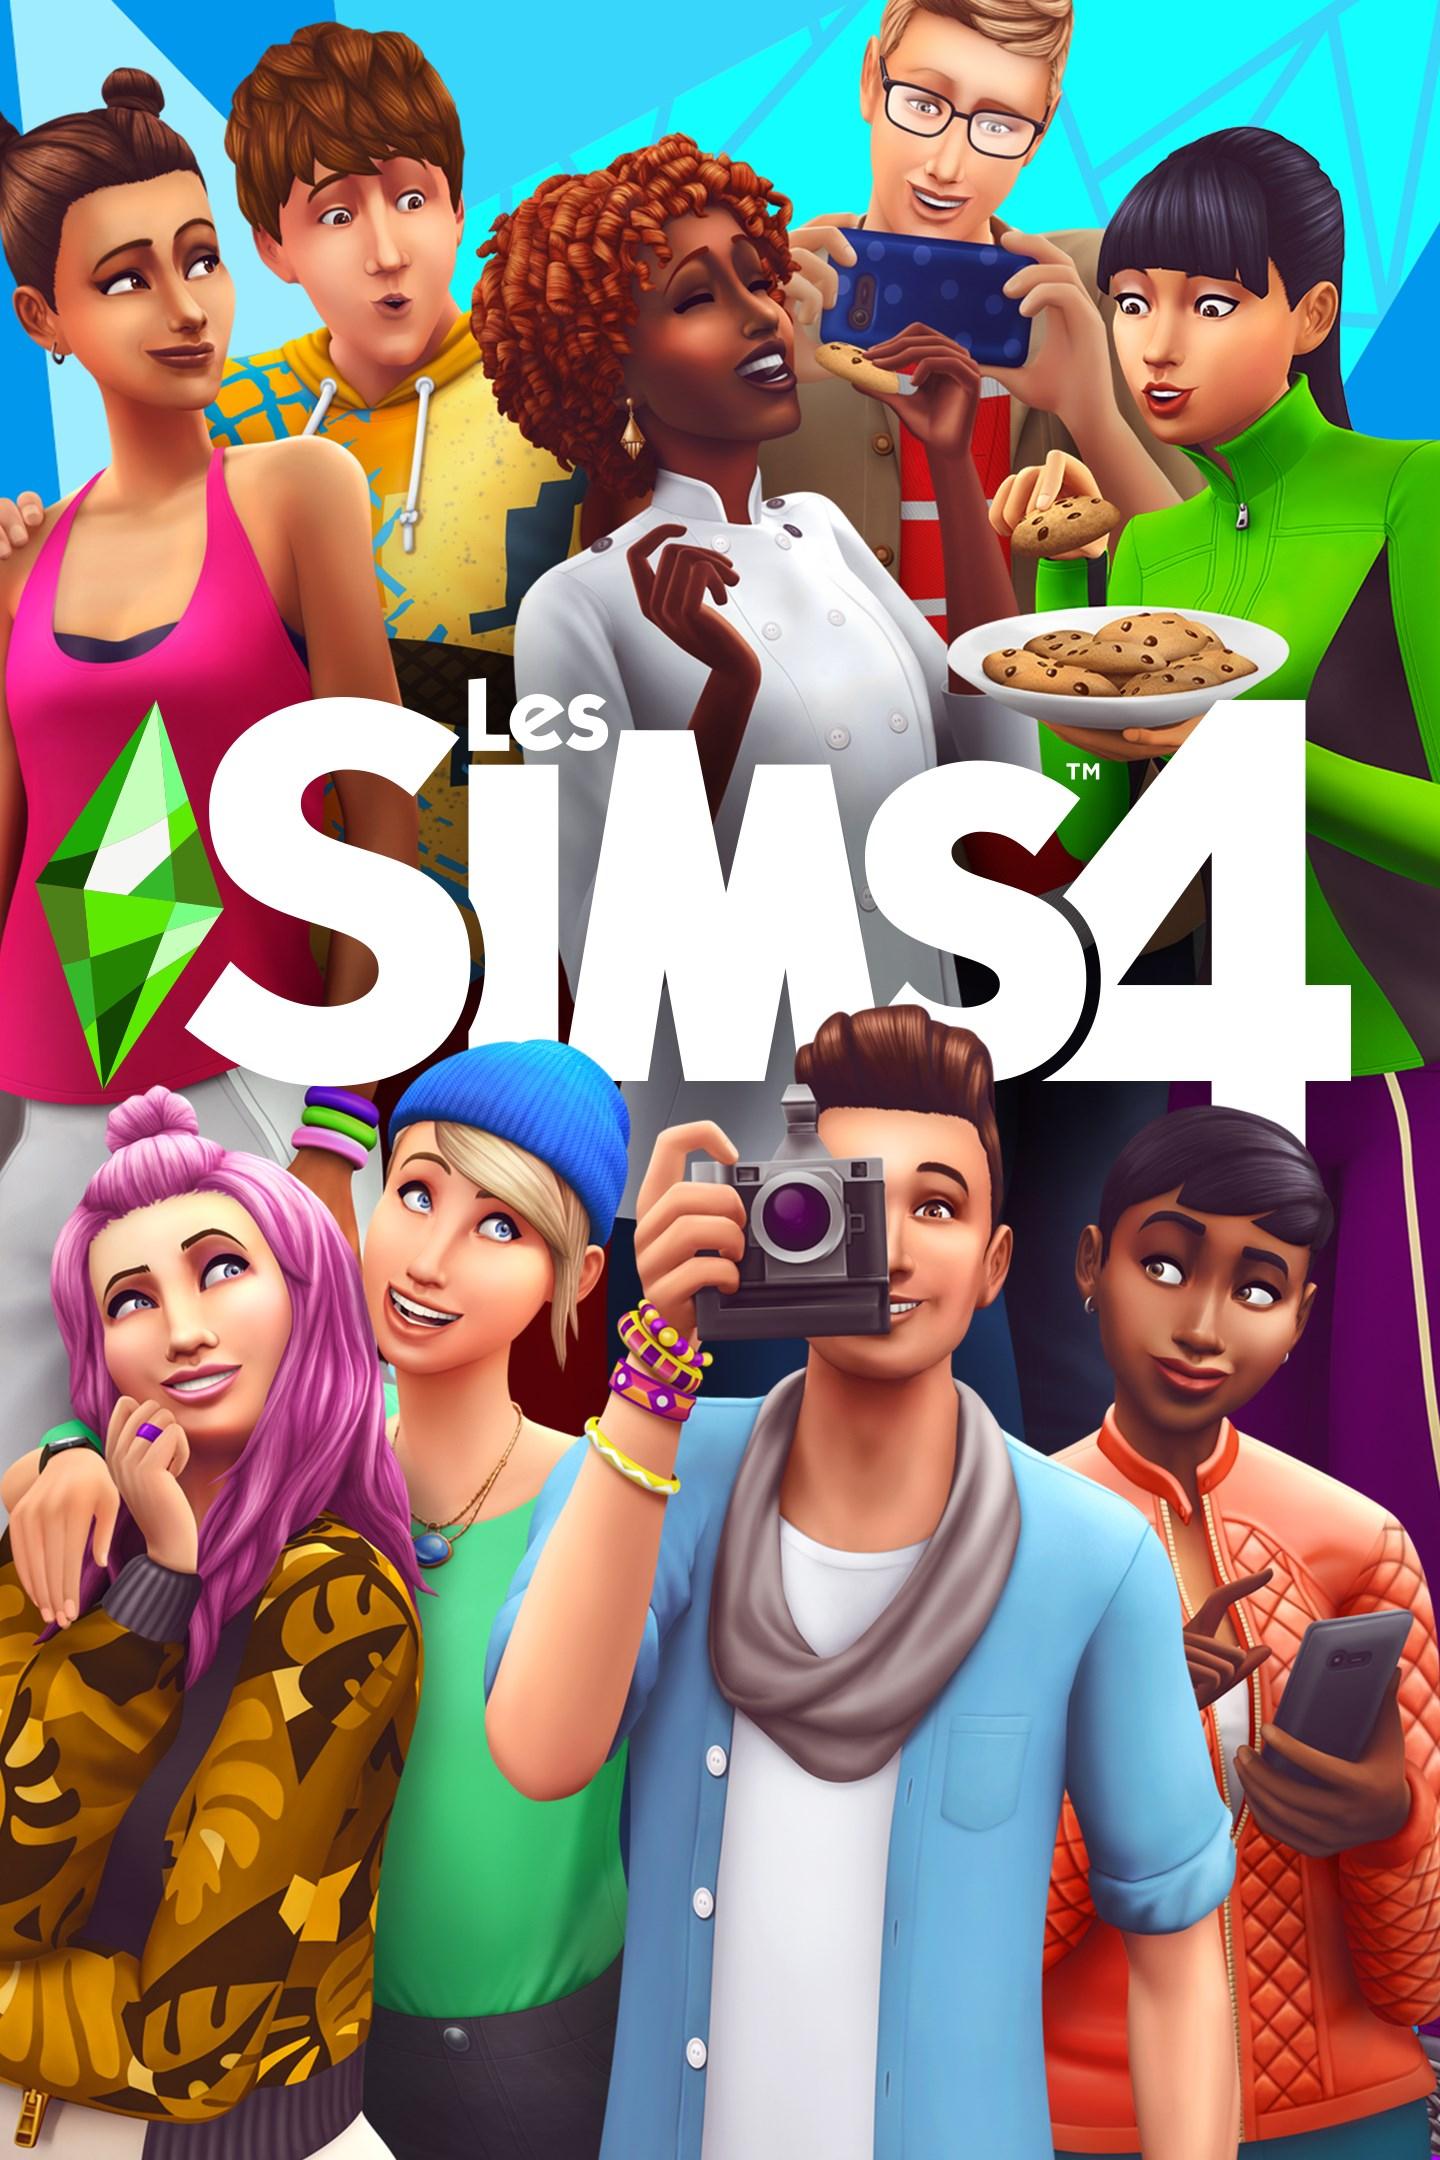 [Gold] Sélection de jeux jouables gratuitement ce week-end sur Xbox One - Ex: Les Sims 4 (Dématérialisé)